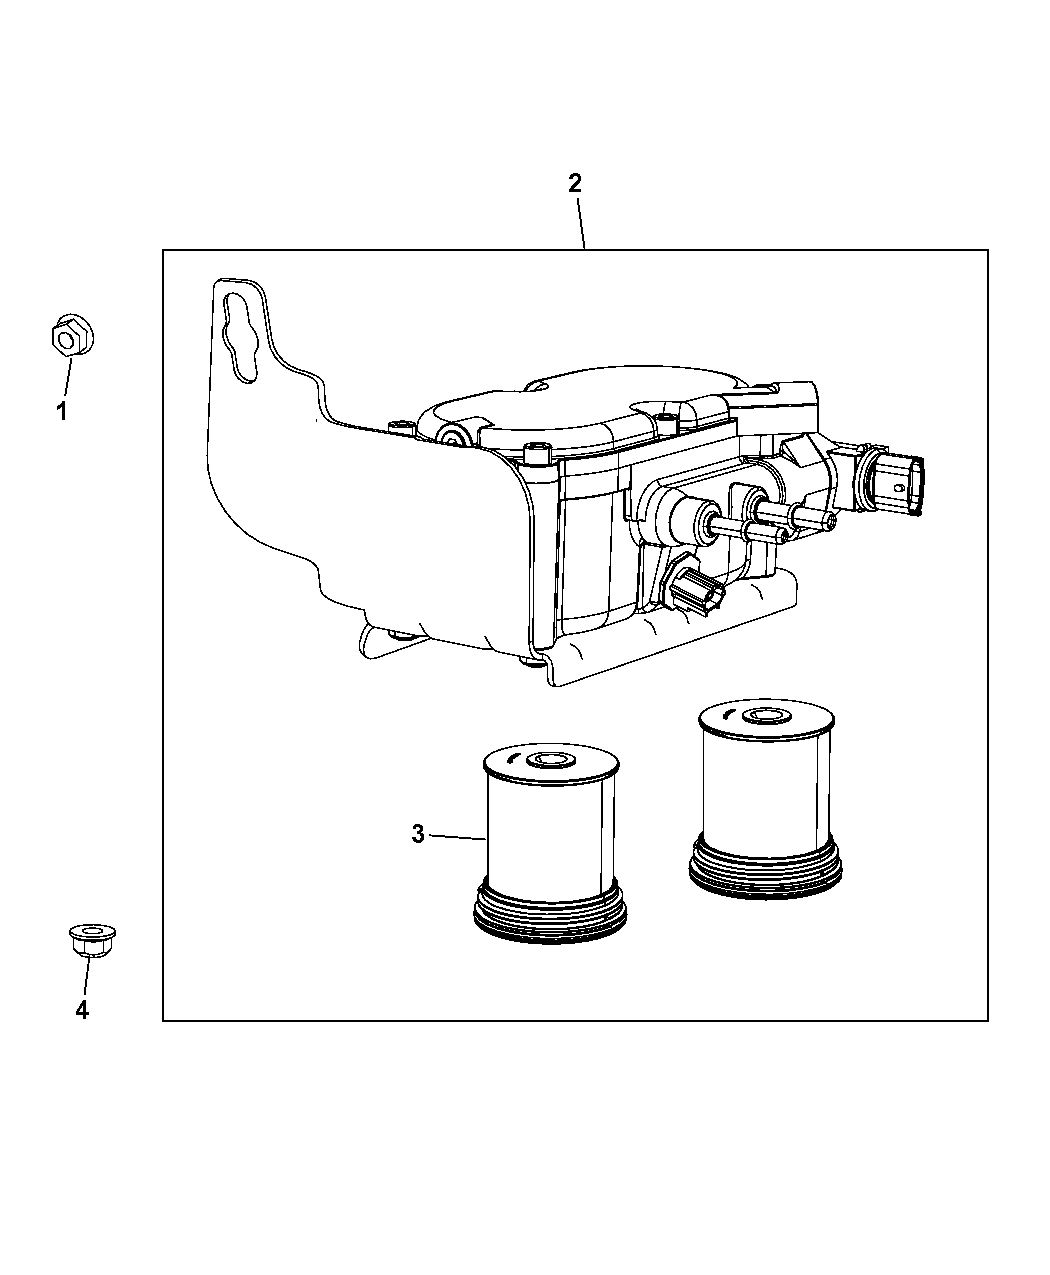 2014 Chrysler 300 Fuel Filter & Water Separator